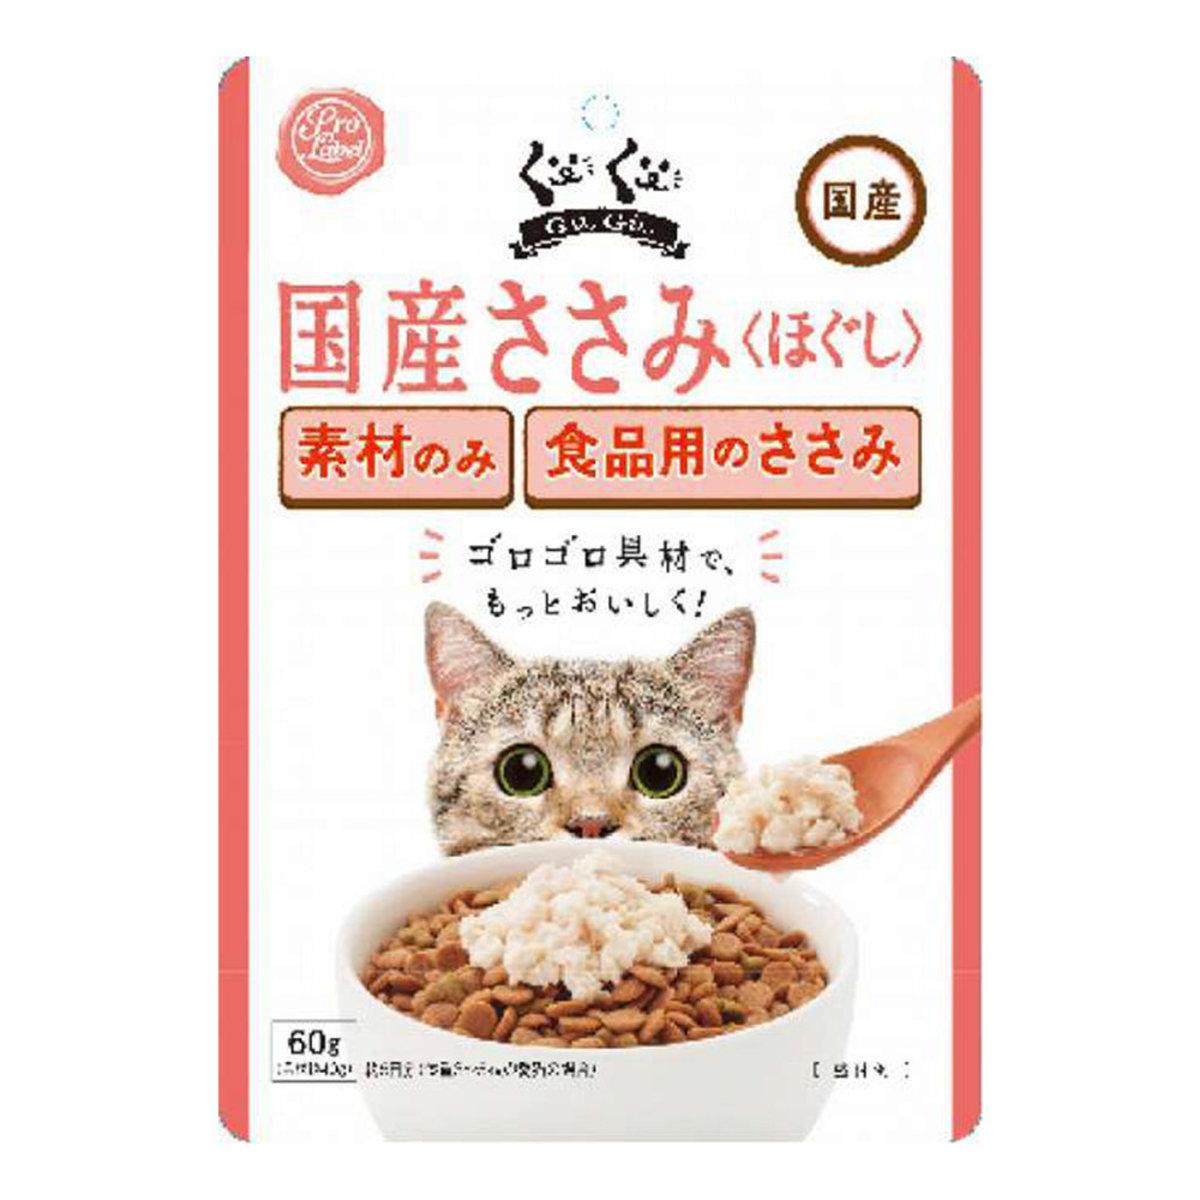 GU GU Chicken Sasami pouch 60g (JSM-1870)